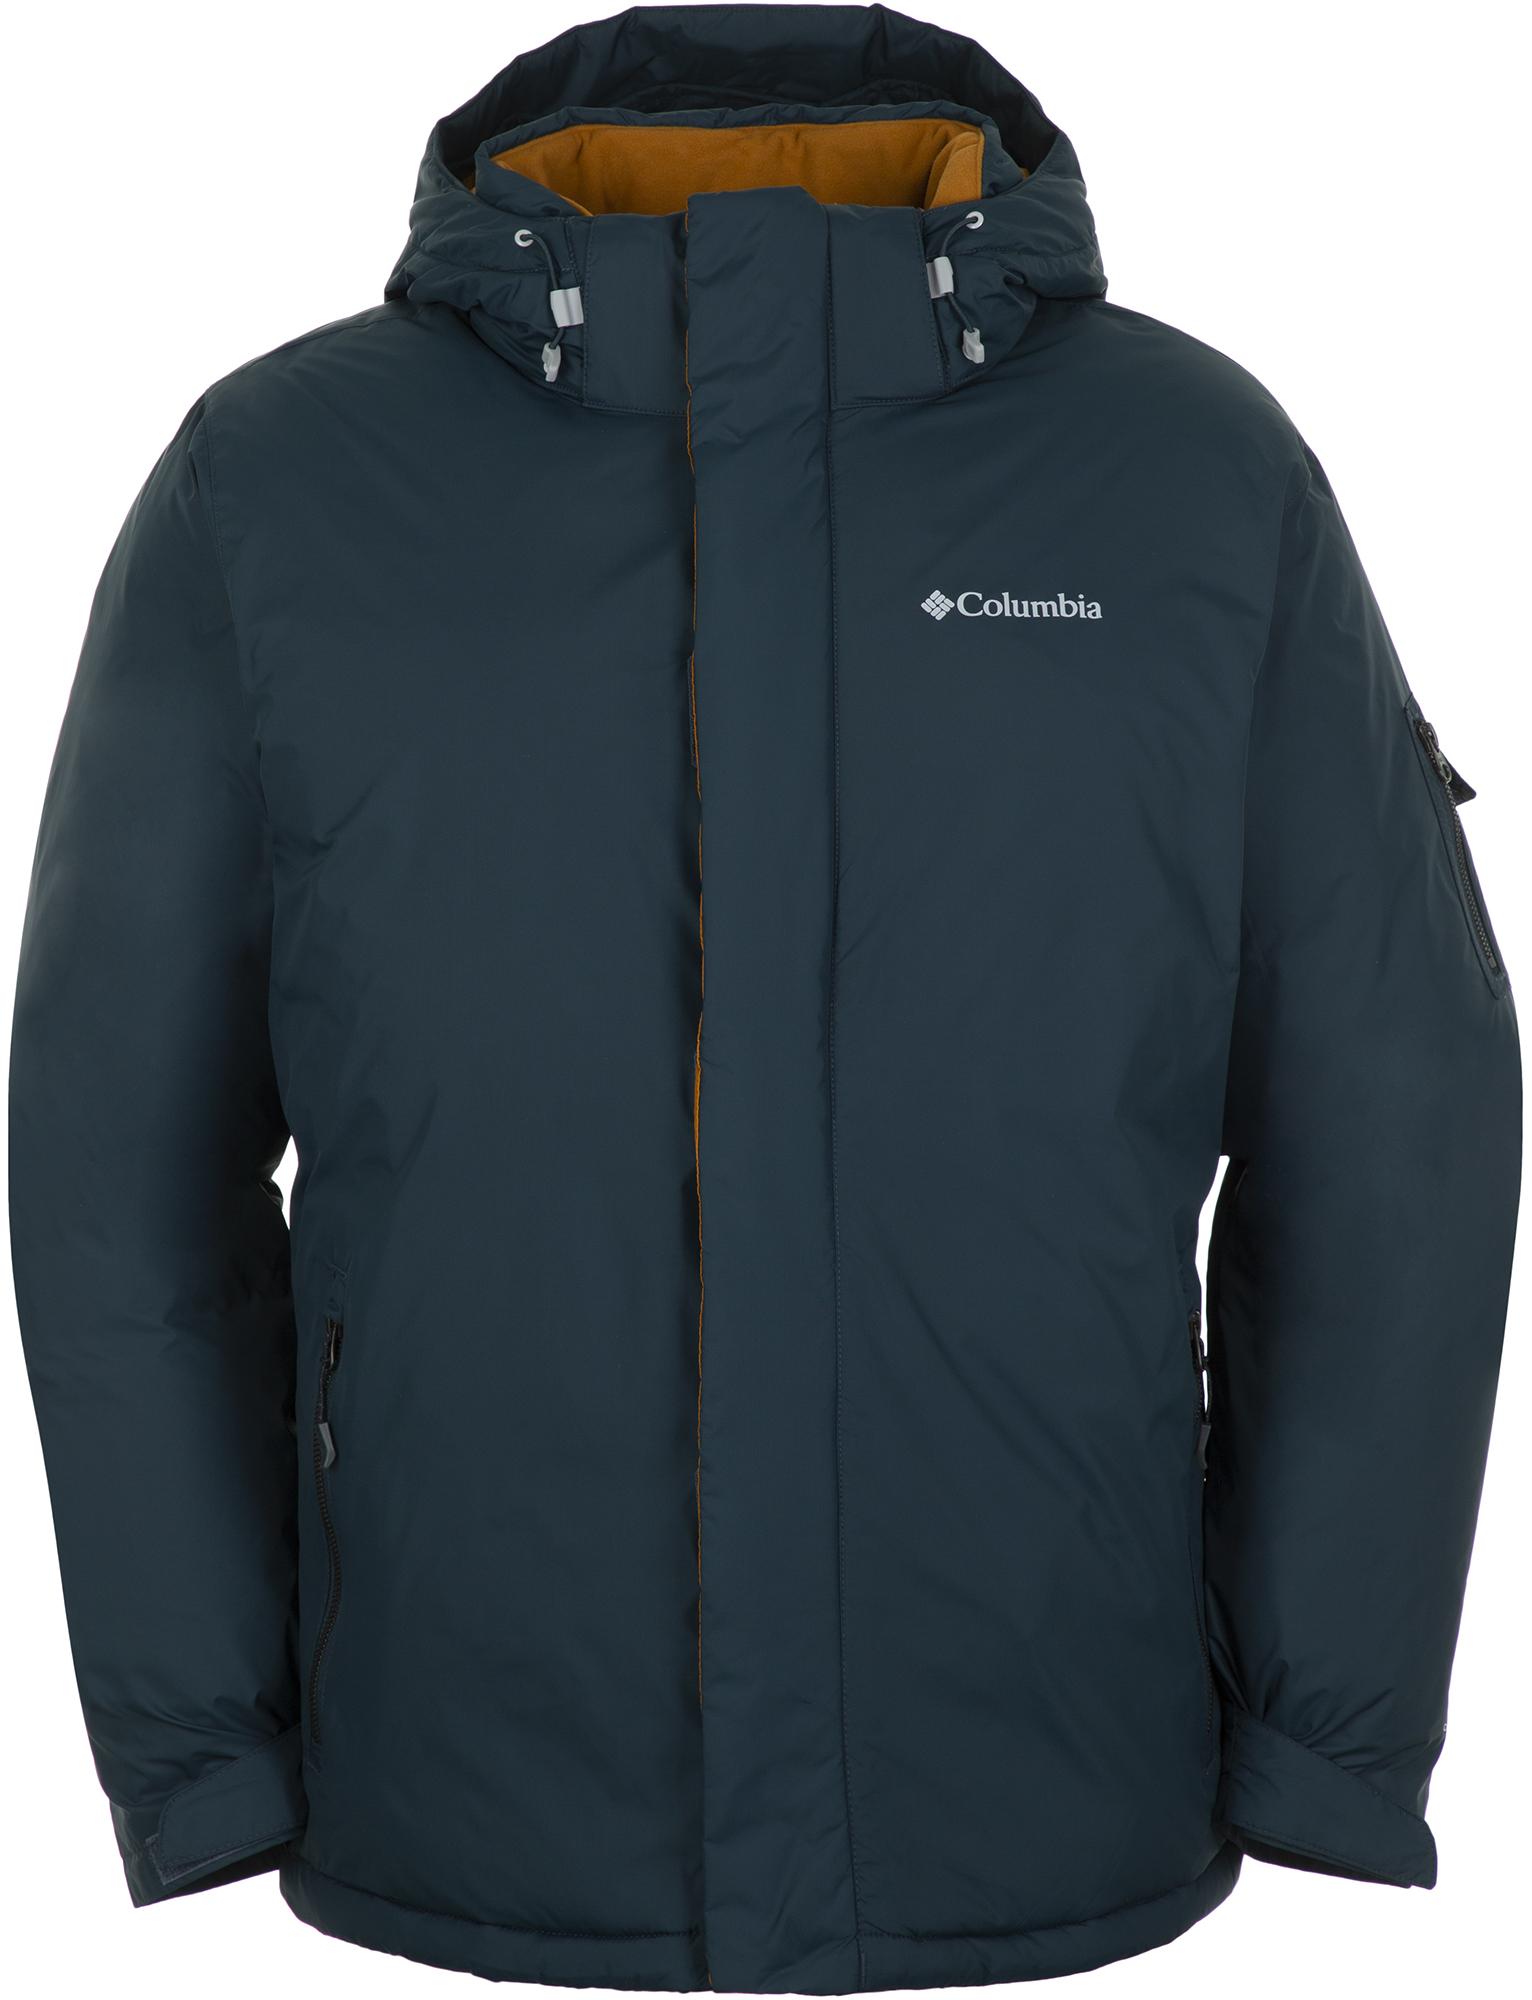 купить Columbia Куртка пуховая мужская Columbia Wildhorse Crest II, размер 52-54 недорого